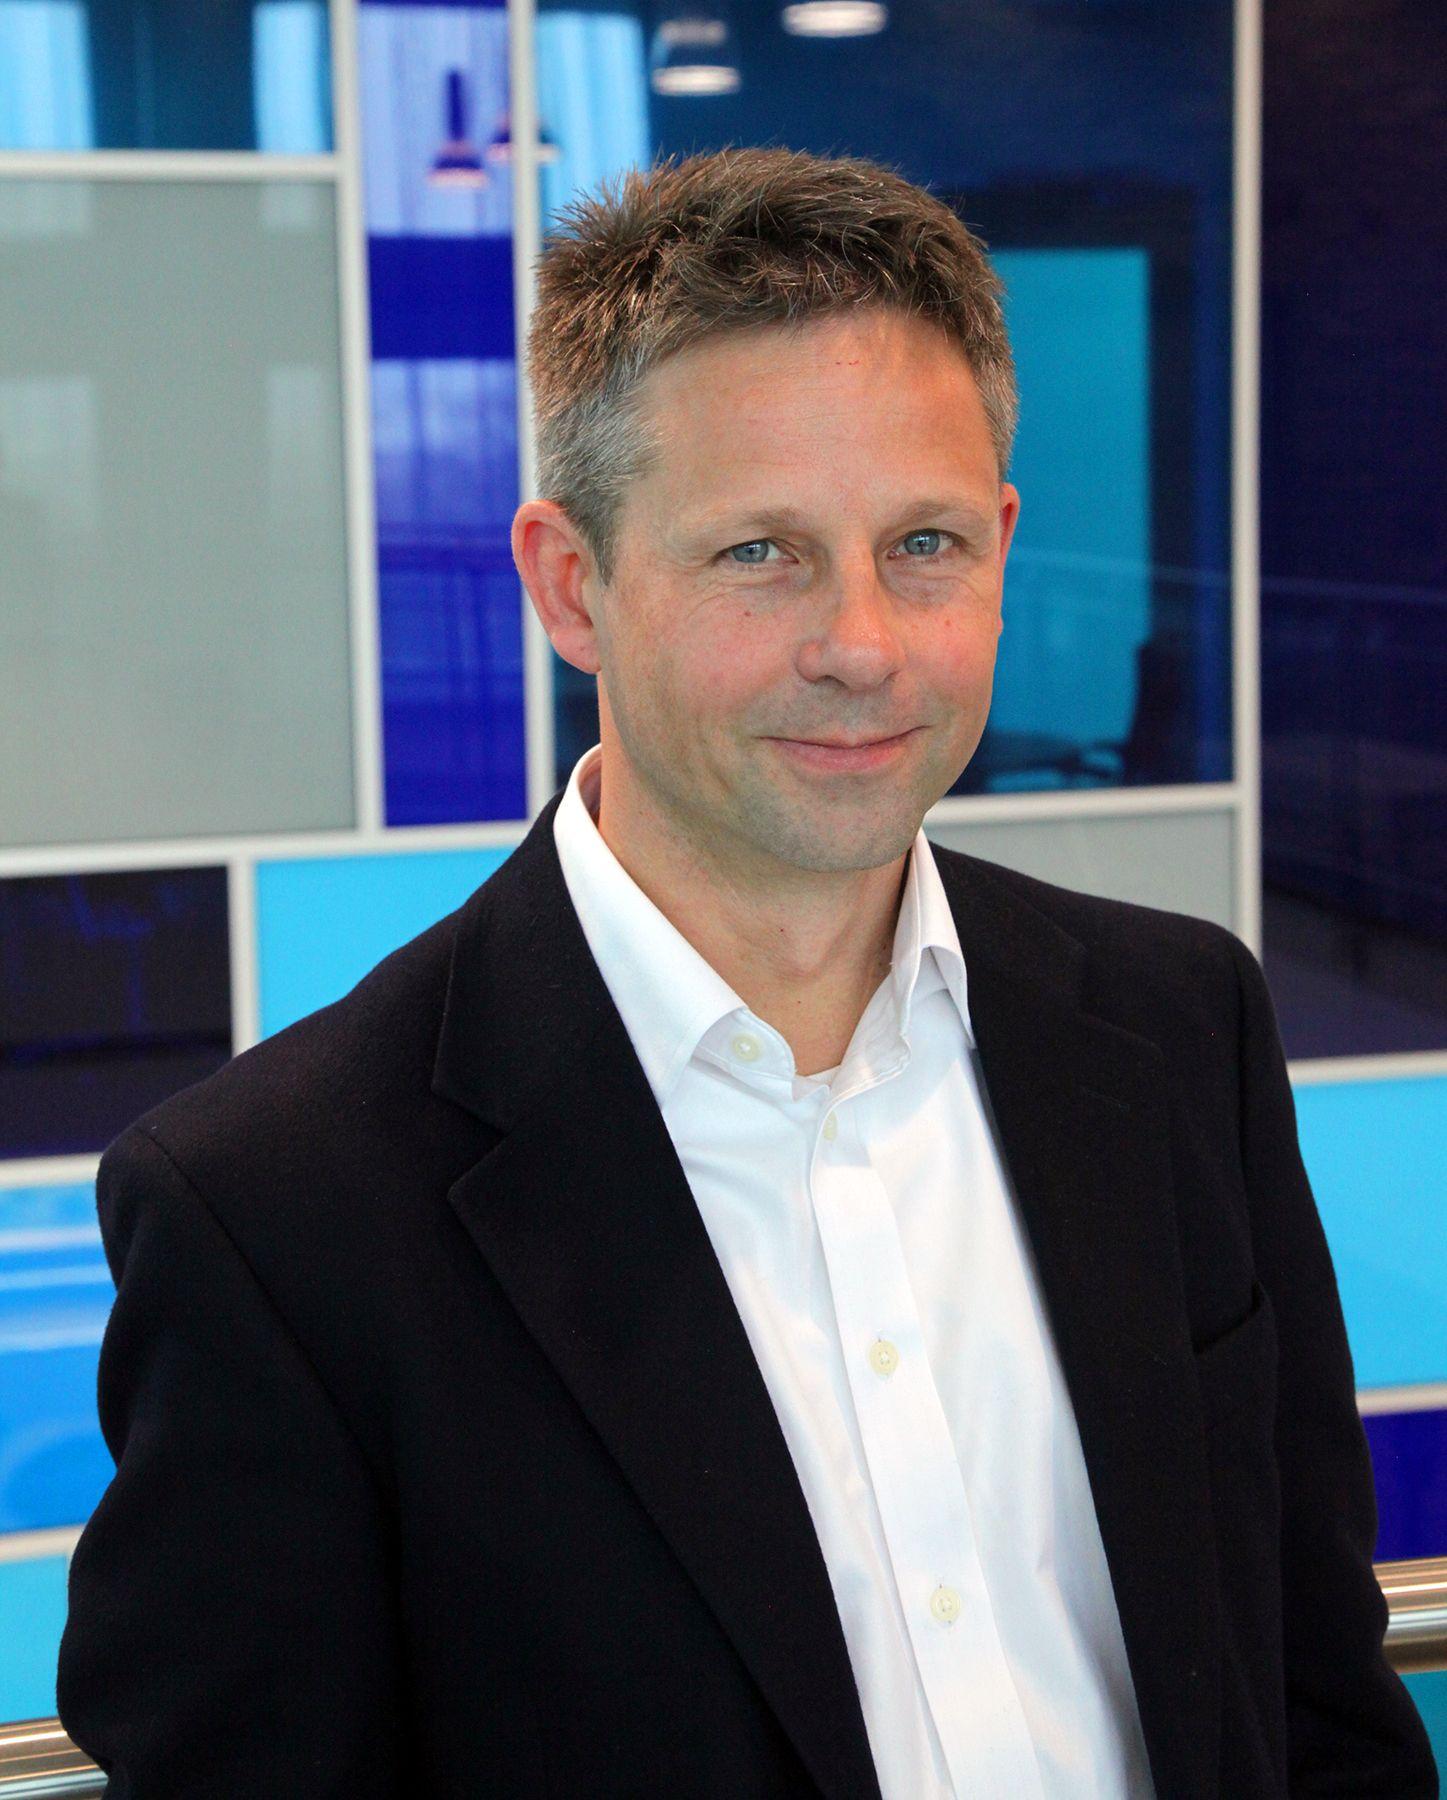 Julian Lovelock vicepresidente de innovacion y estrategia de plataformas- HID Global